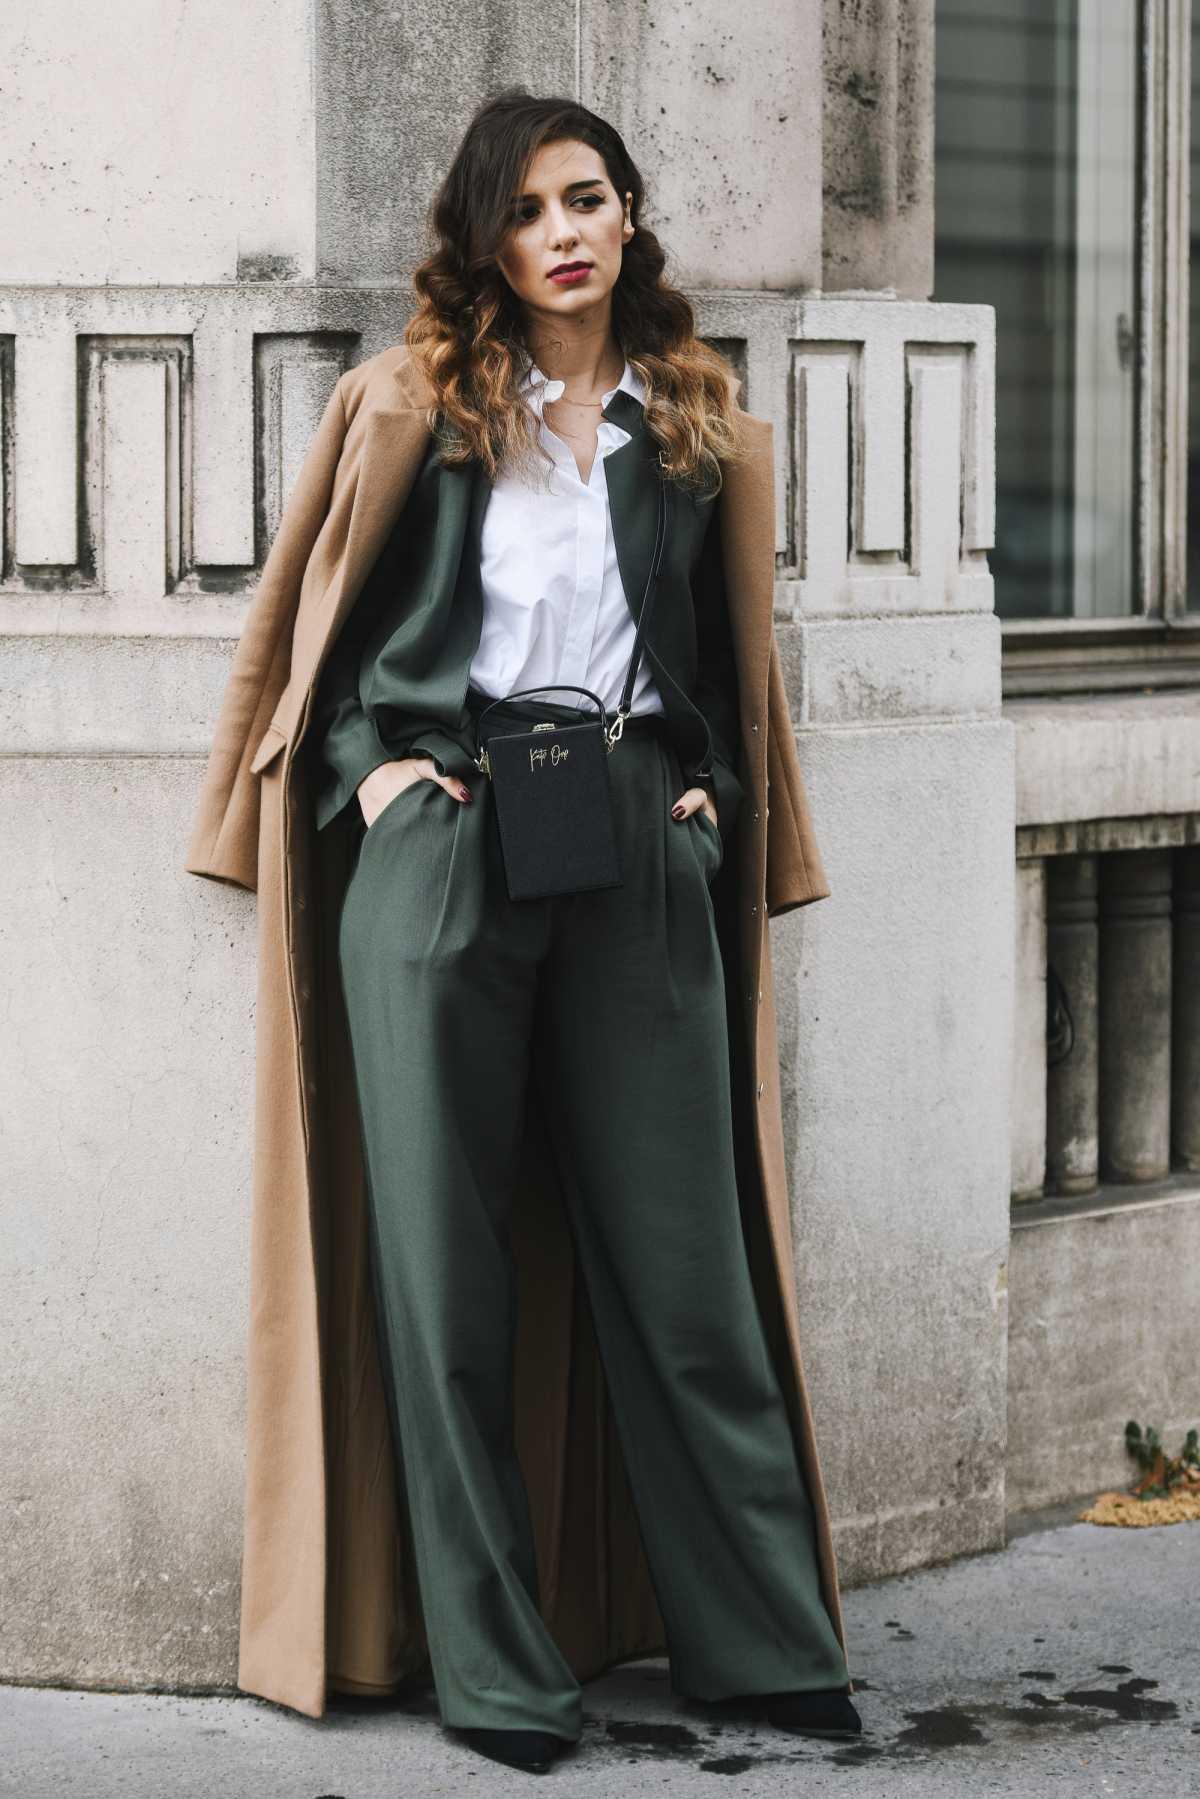 traje elegante com pantalona para frio